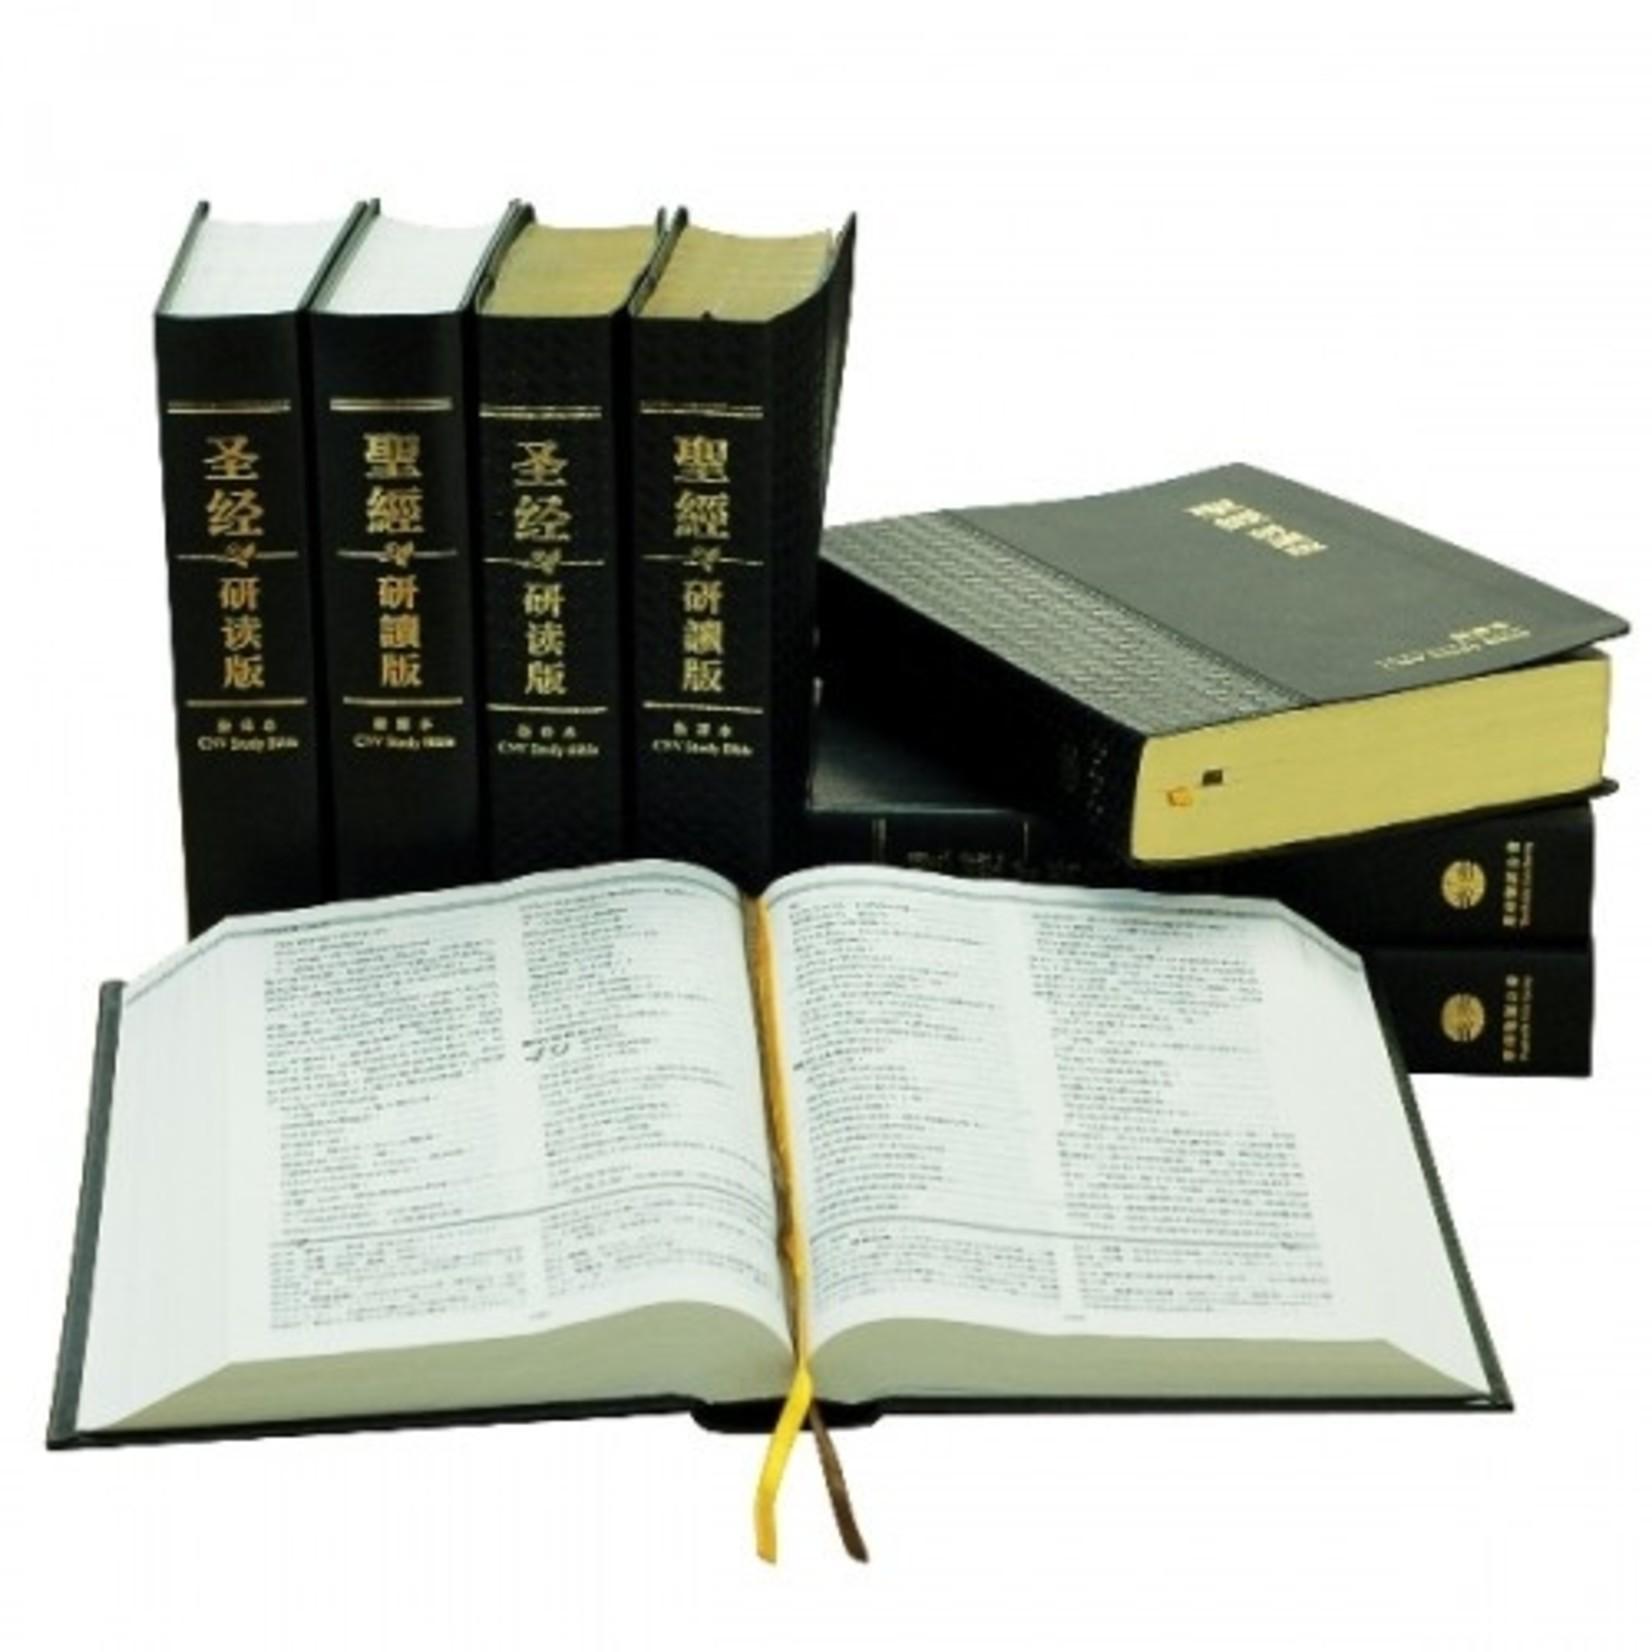 環球聖經公會 The Worldwide Bible Society 聖經研讀版:新譯本.加大裝.黑色真皮燙金金邊.繁體 CNV Study Bible, Large Size, Trad., Black Leather Cover, Gold Edge